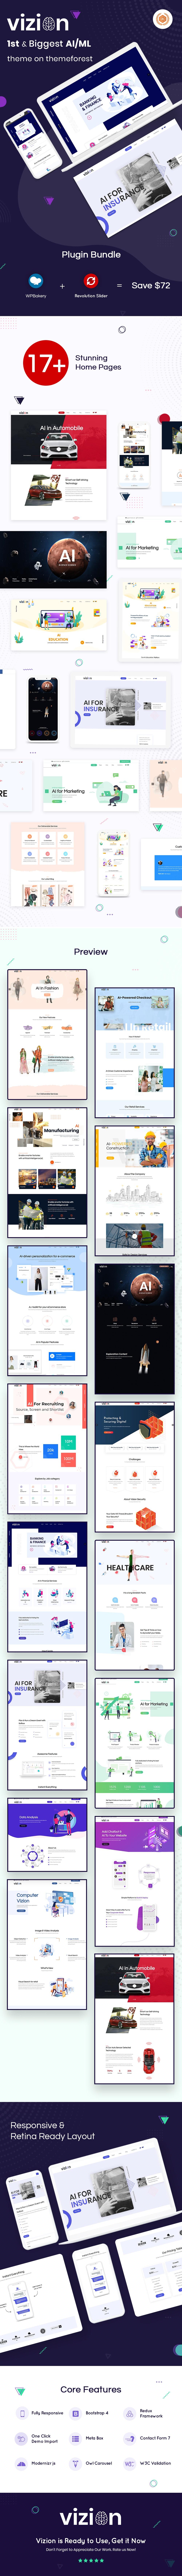 # ai tech & software startups wordpress theme Vizion vizionpreview